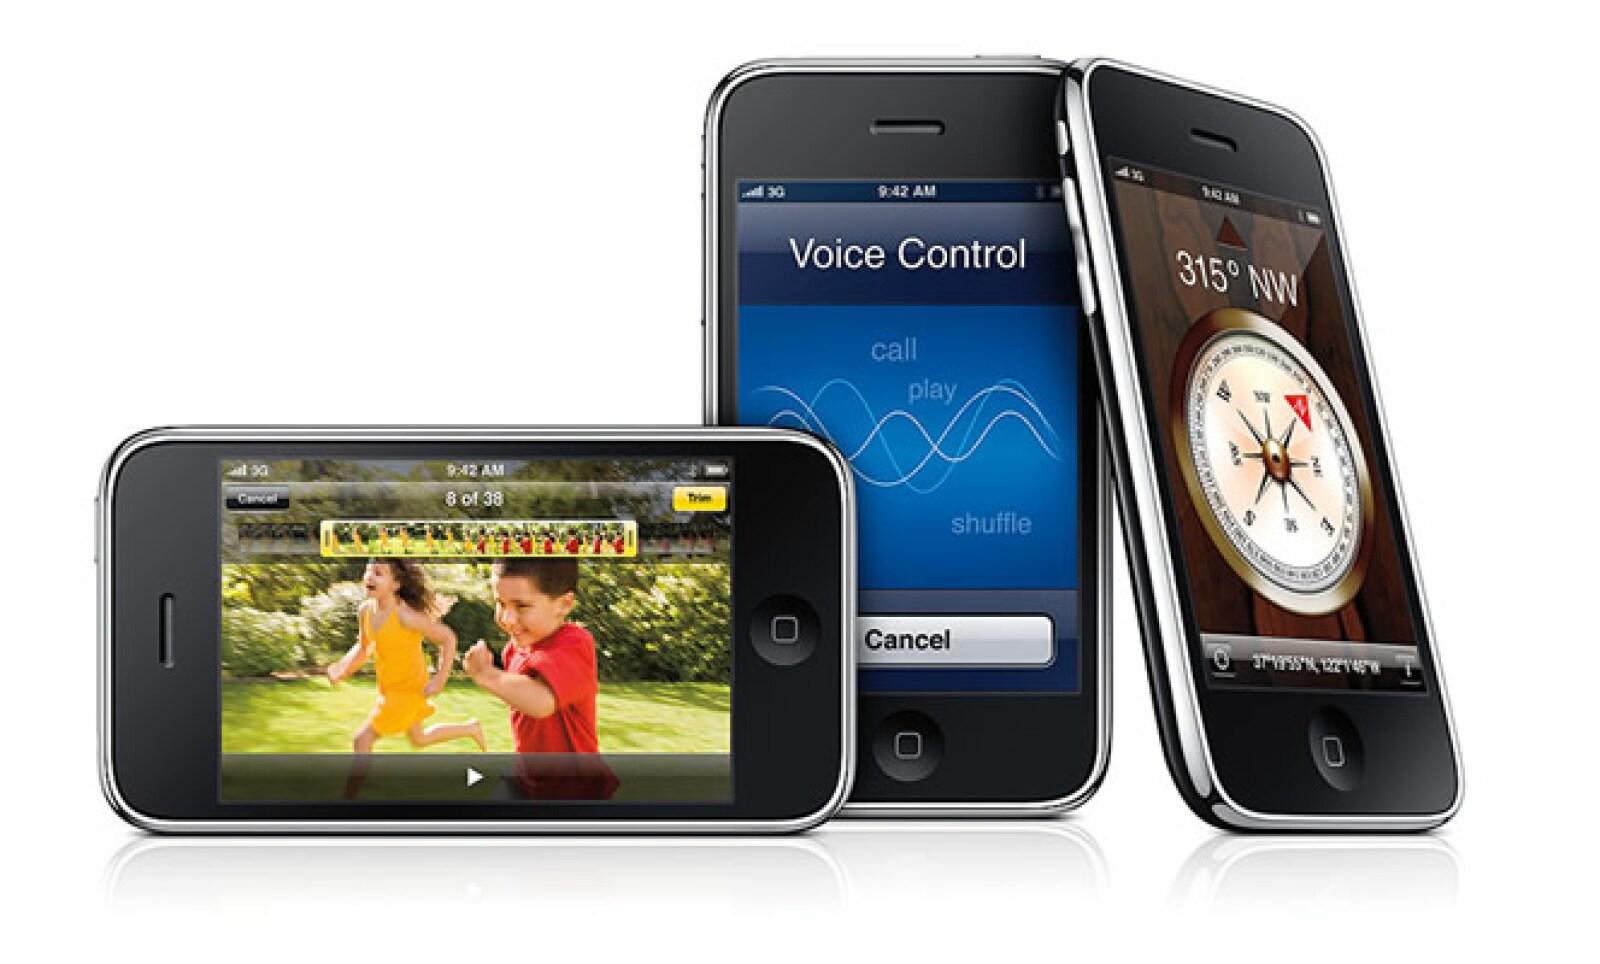 Pocos cambios visuales en el tercer modelo del iPhone, que salió al mercado el 19 de junio de 2009.